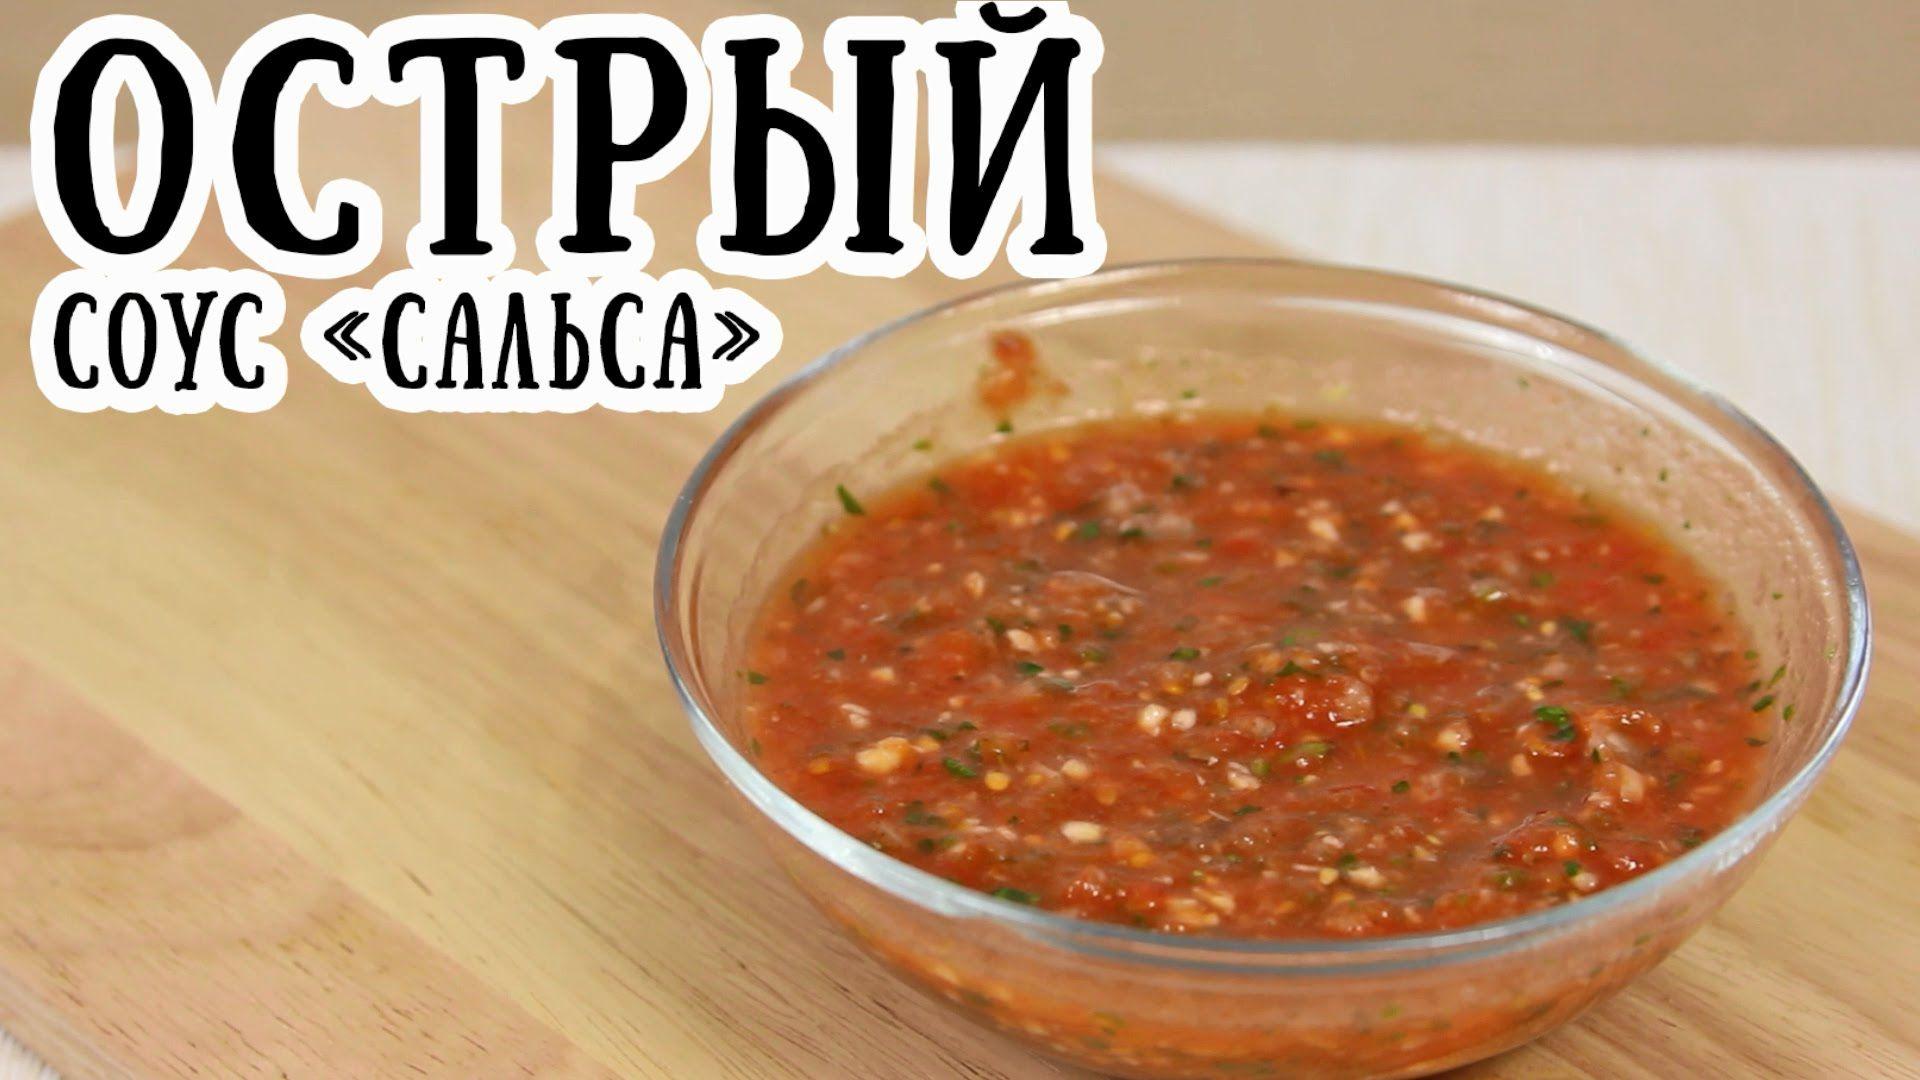 Рецепты соус сальса в домашних условиях